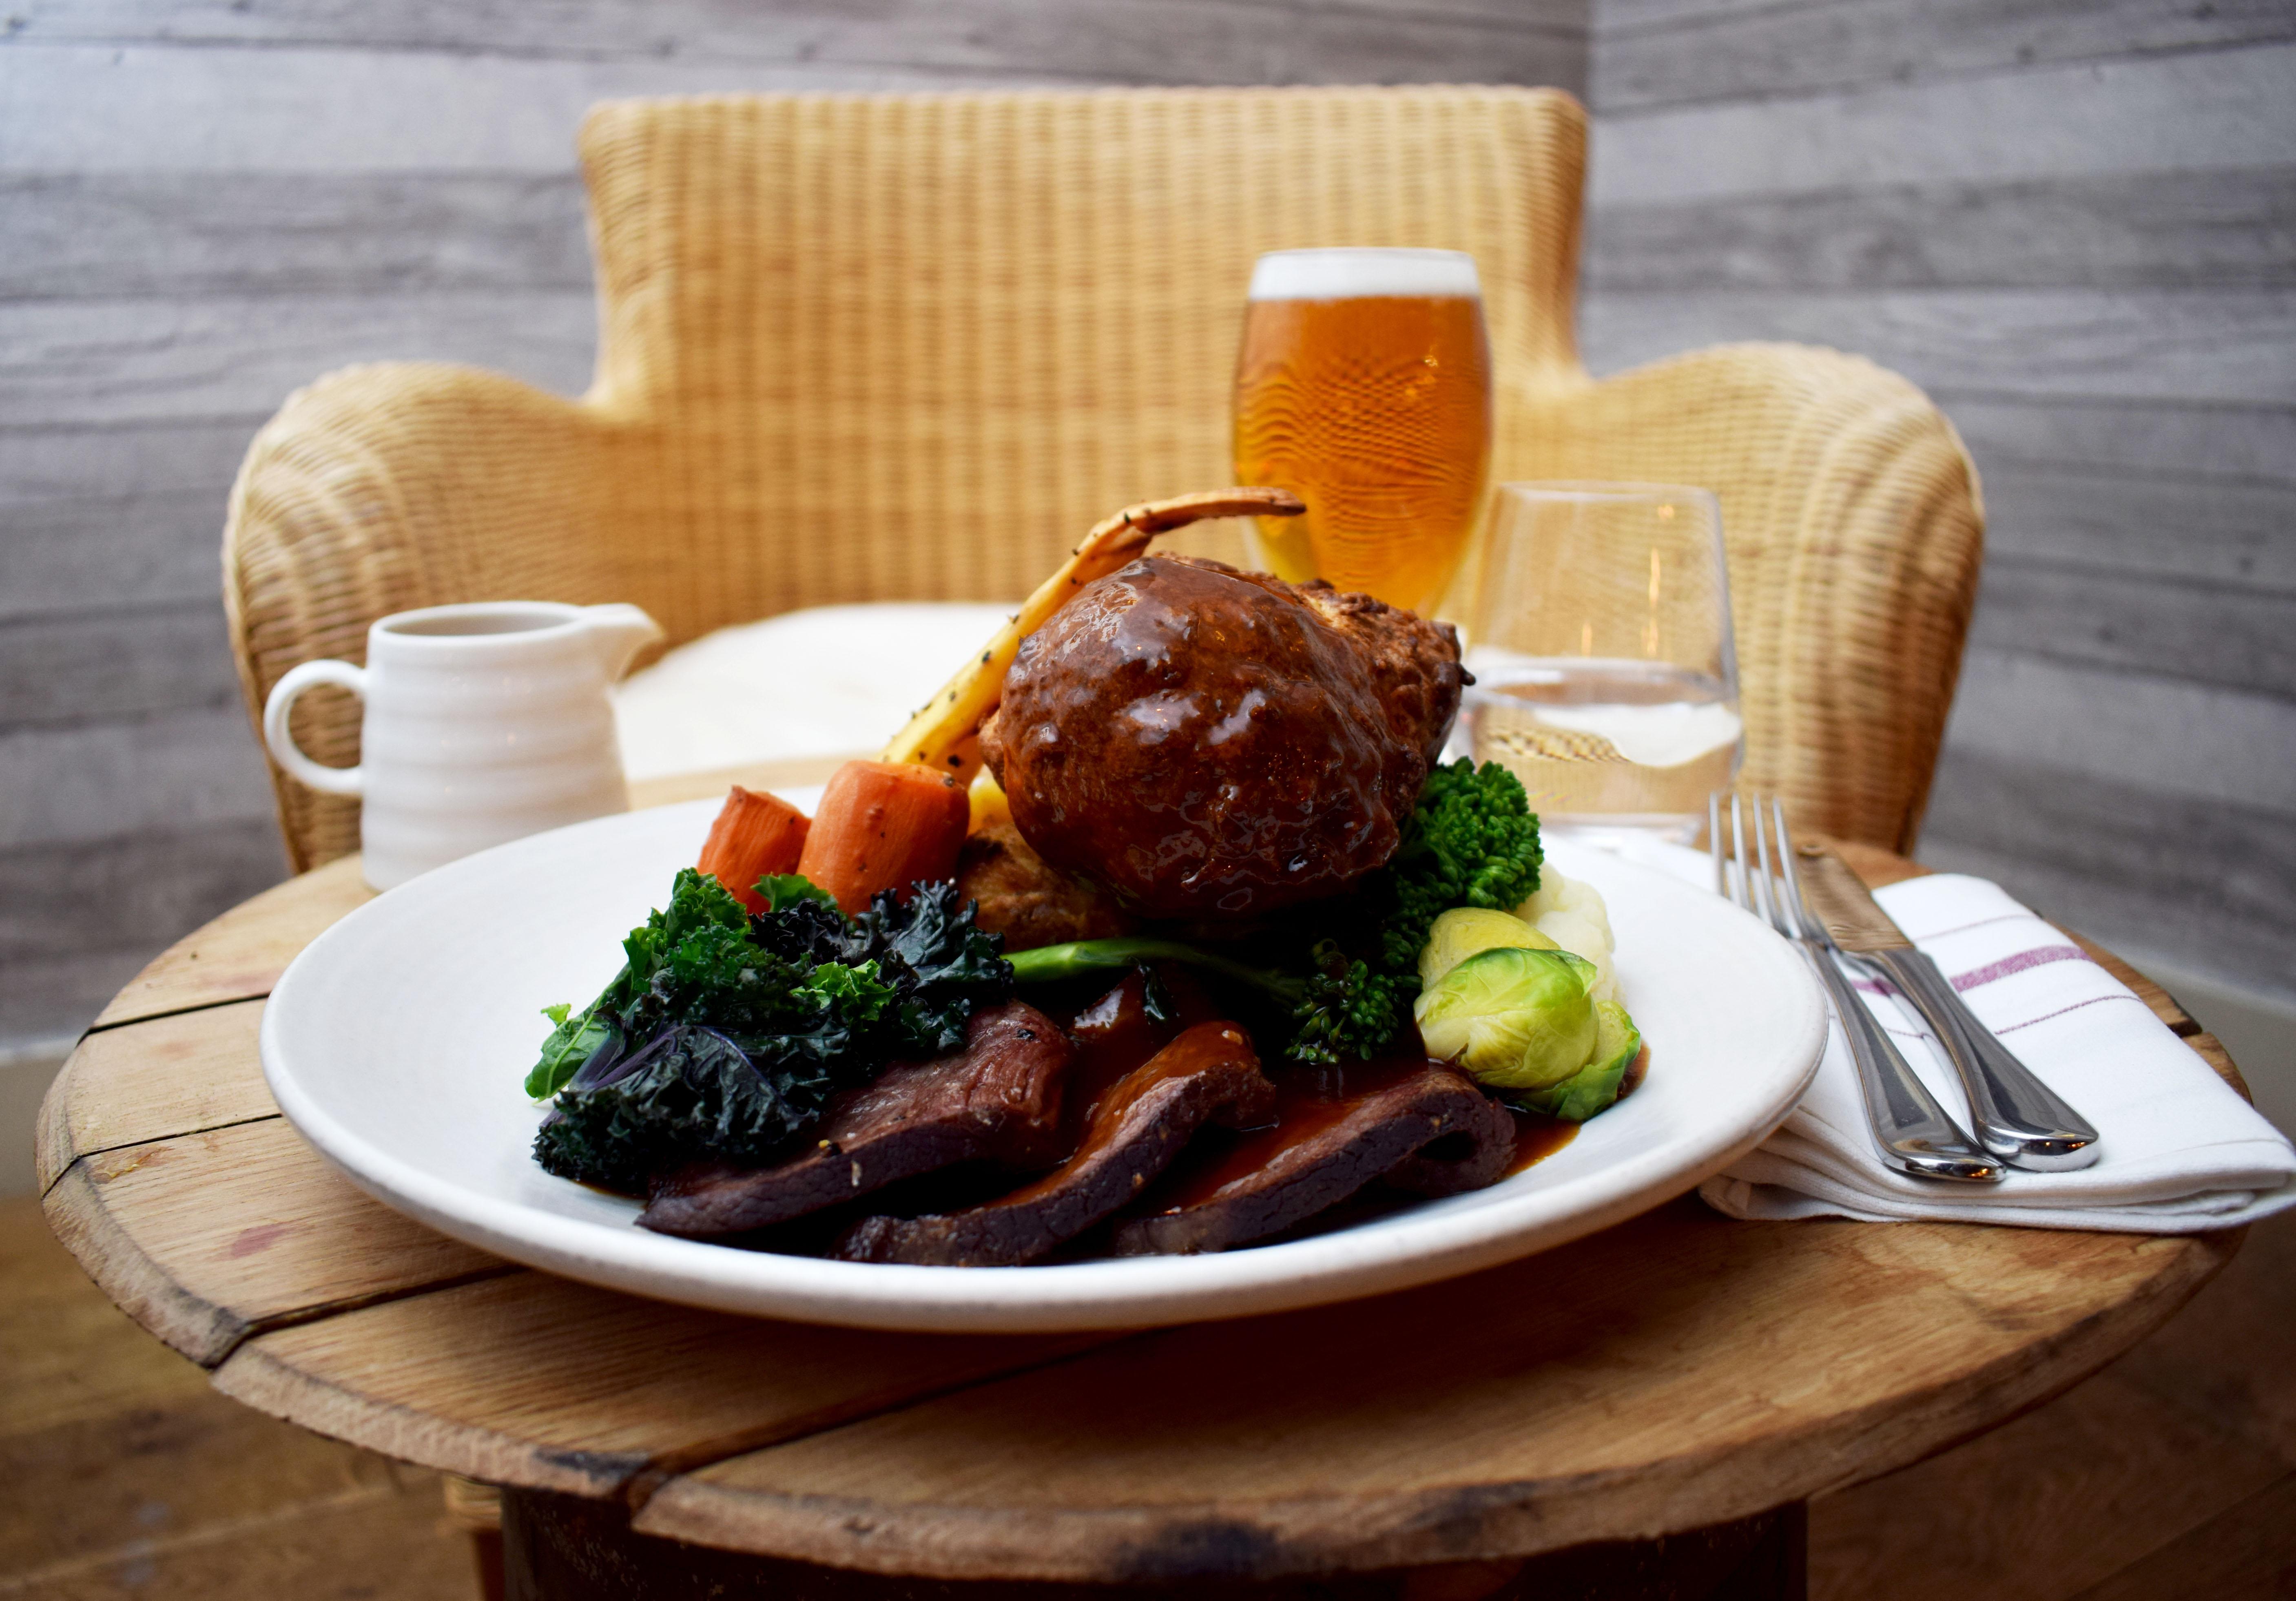 roast-beef-and-wicker-chair-photo-by-bernado-fernandes-2